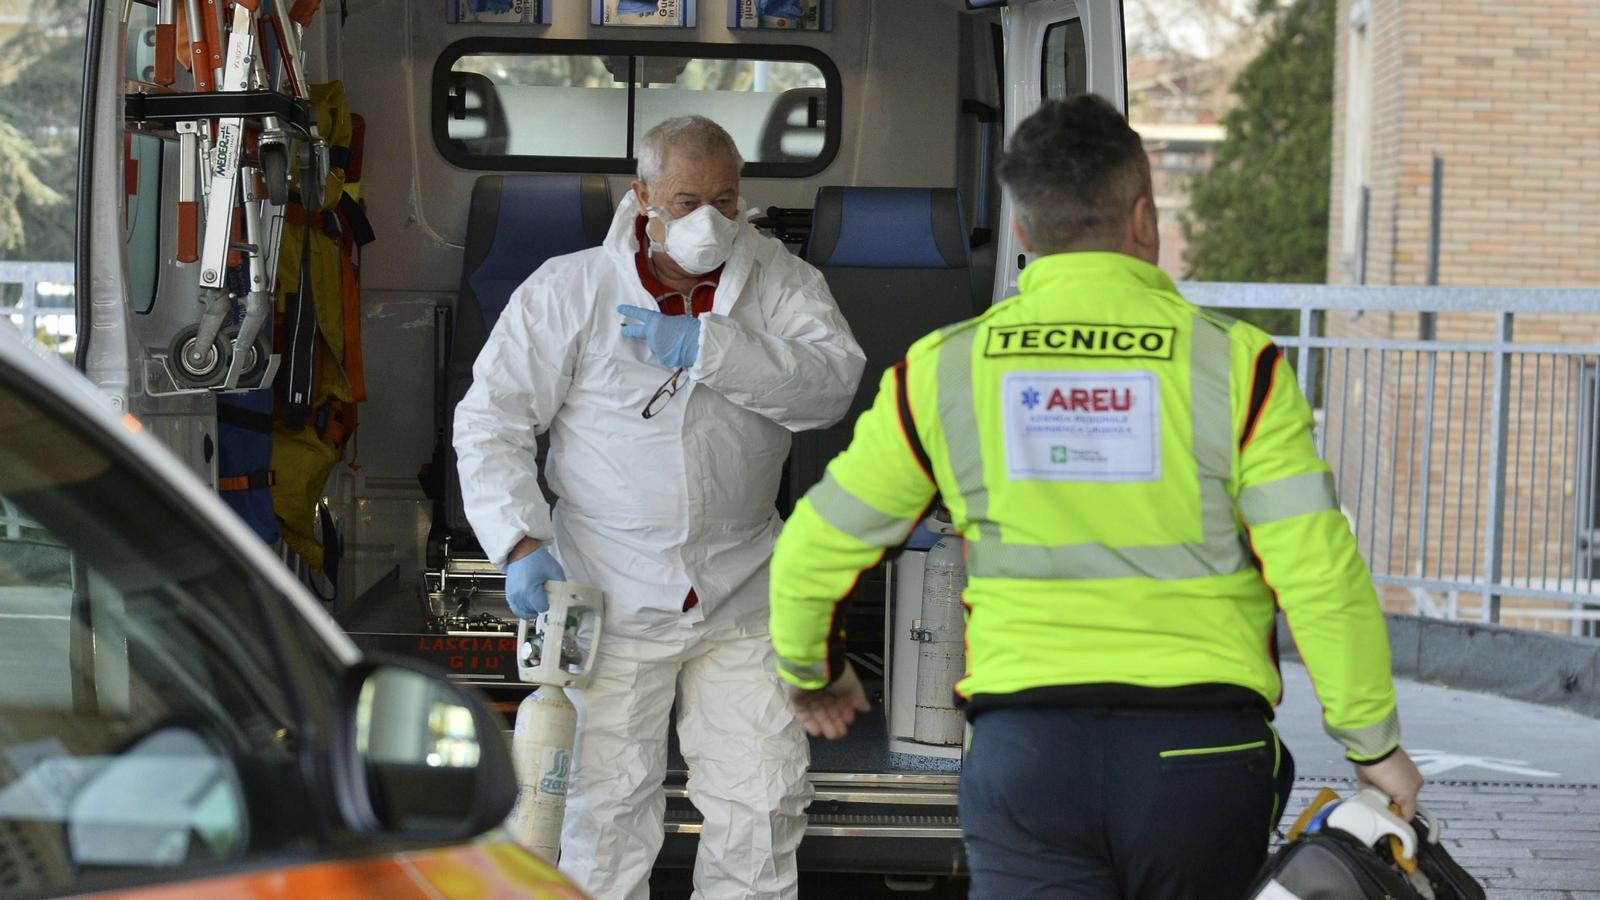 Dos morts pel coronavirus a Itàlia, on s'han confinat 50.000 persones de deu pobles